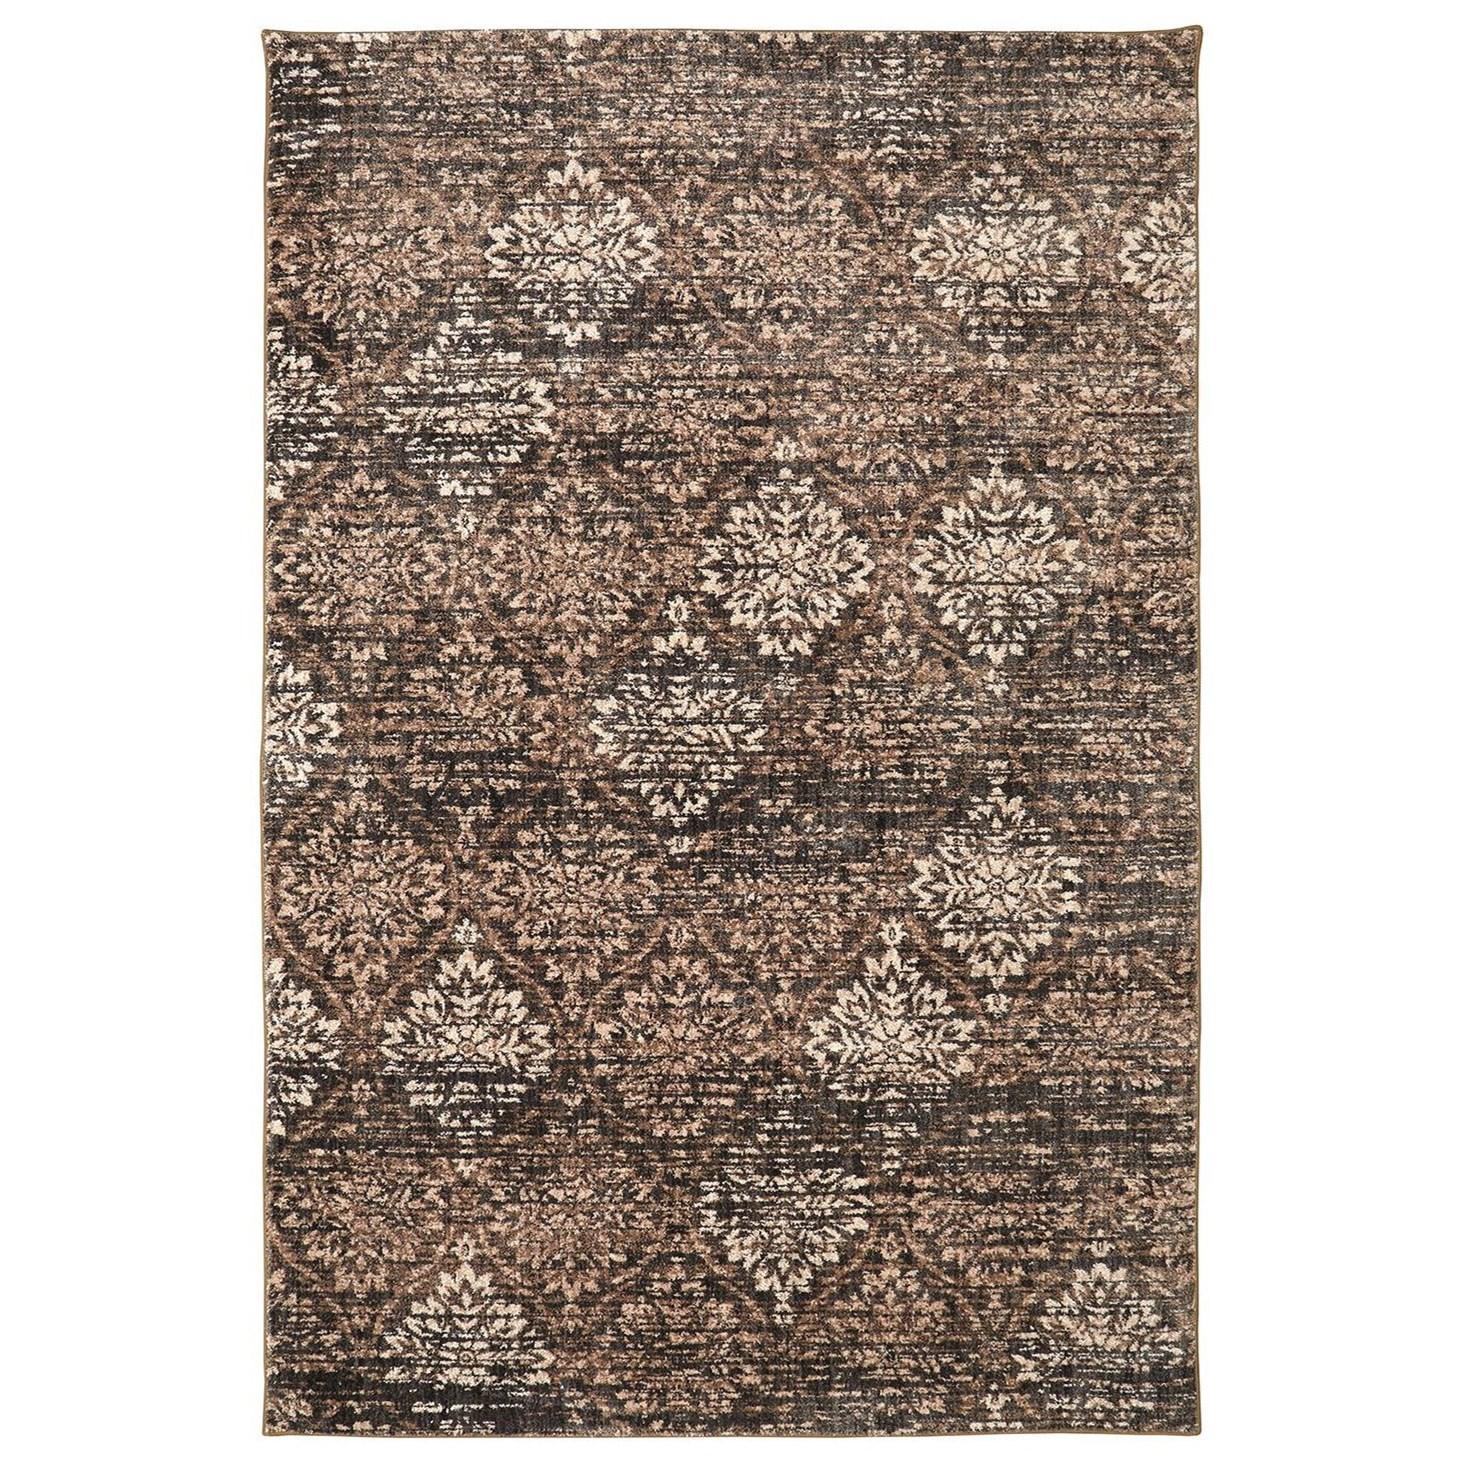 Karastan Rugs Euphoria 9'6x12'11 Wexford Brown Rug - Item Number: 90265 80175 114155